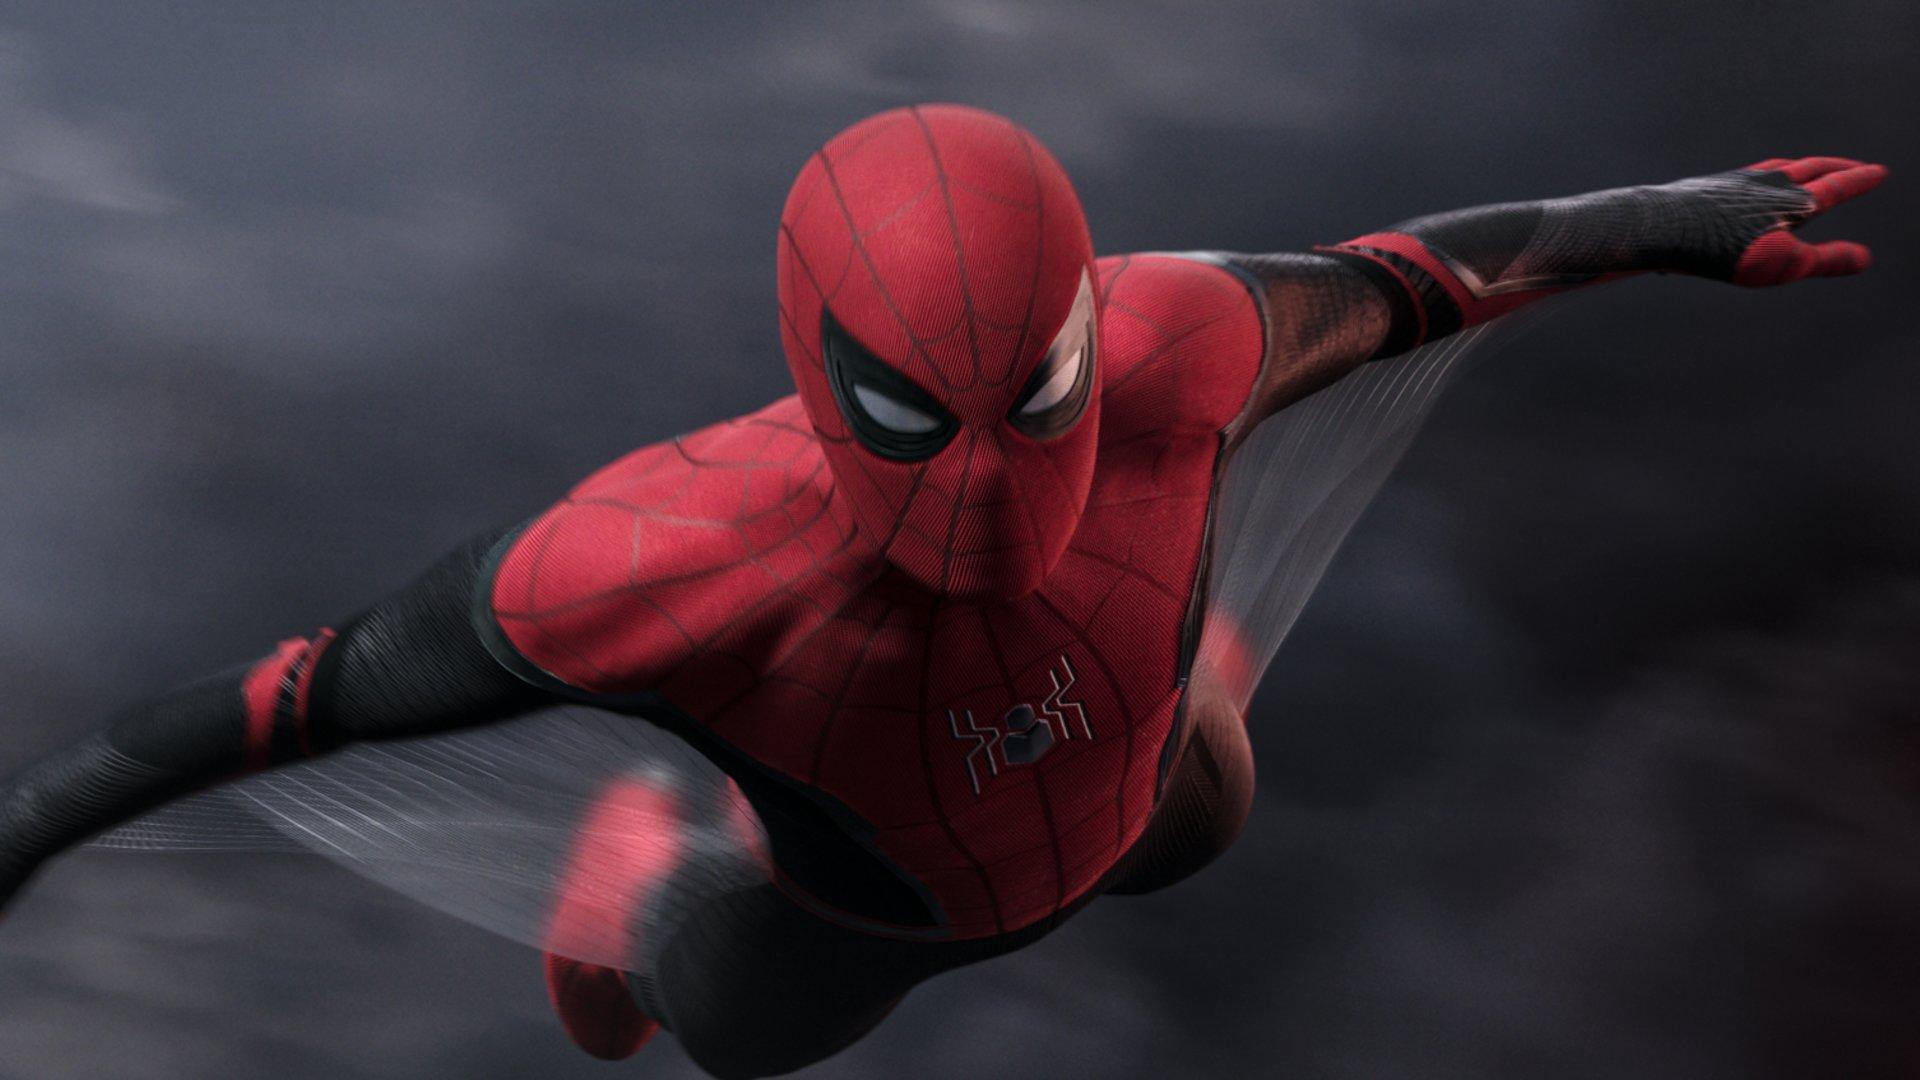 Nach Der Mcu Rettung Die Probleme Gehen In Spider Man 3